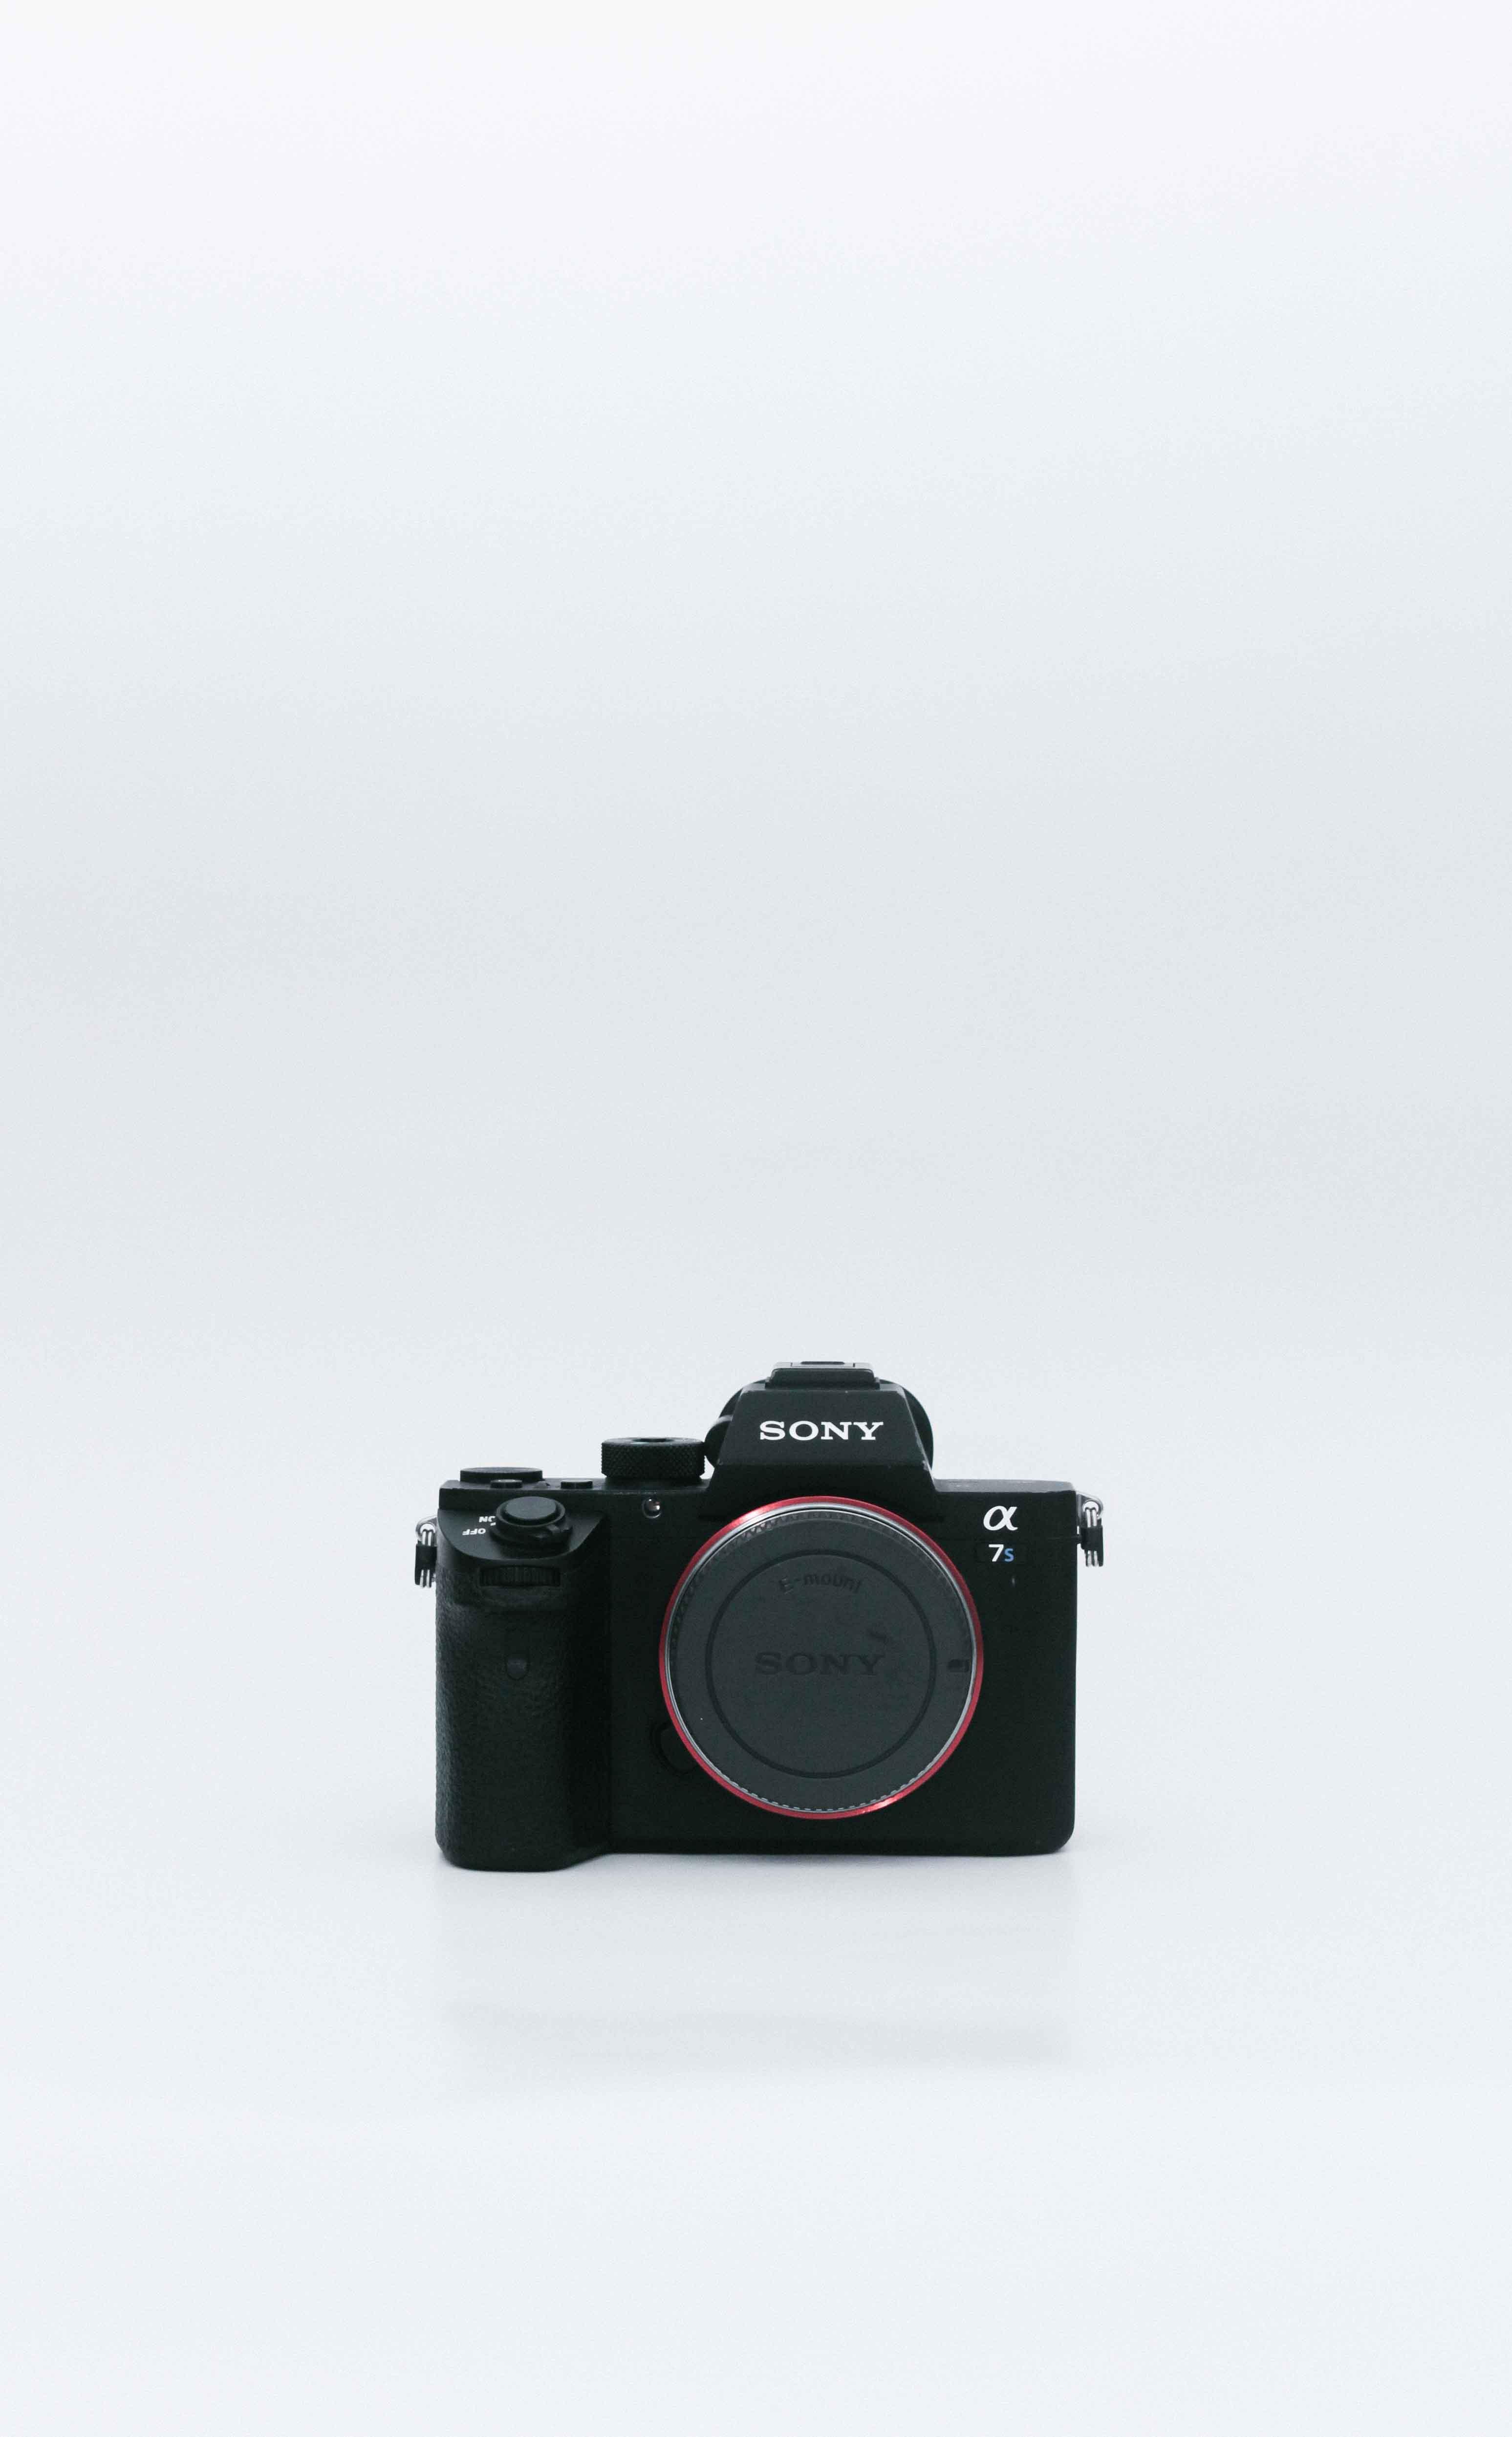 ビデオグラファーBrandonの愛用品。高感度に強いミラーレス一眼『α7S Ⅱ』